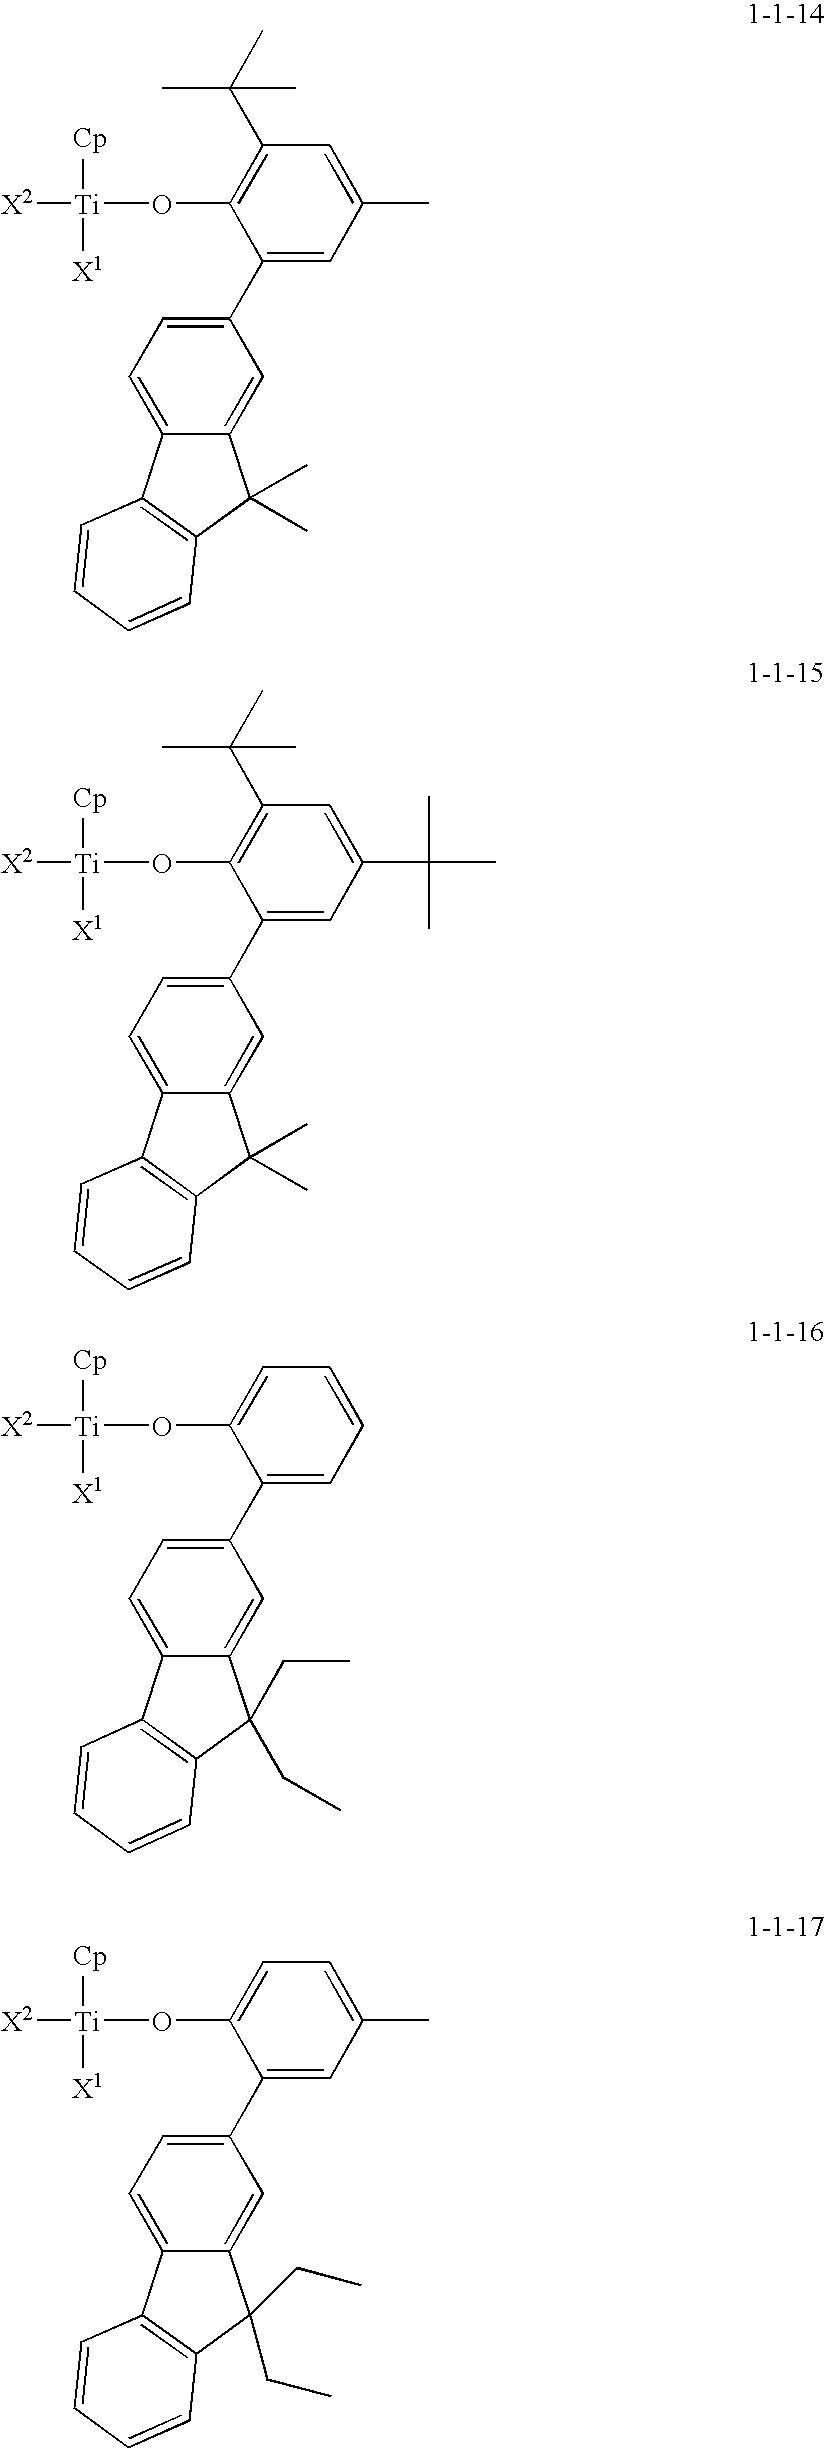 Figure US20100081776A1-20100401-C00051